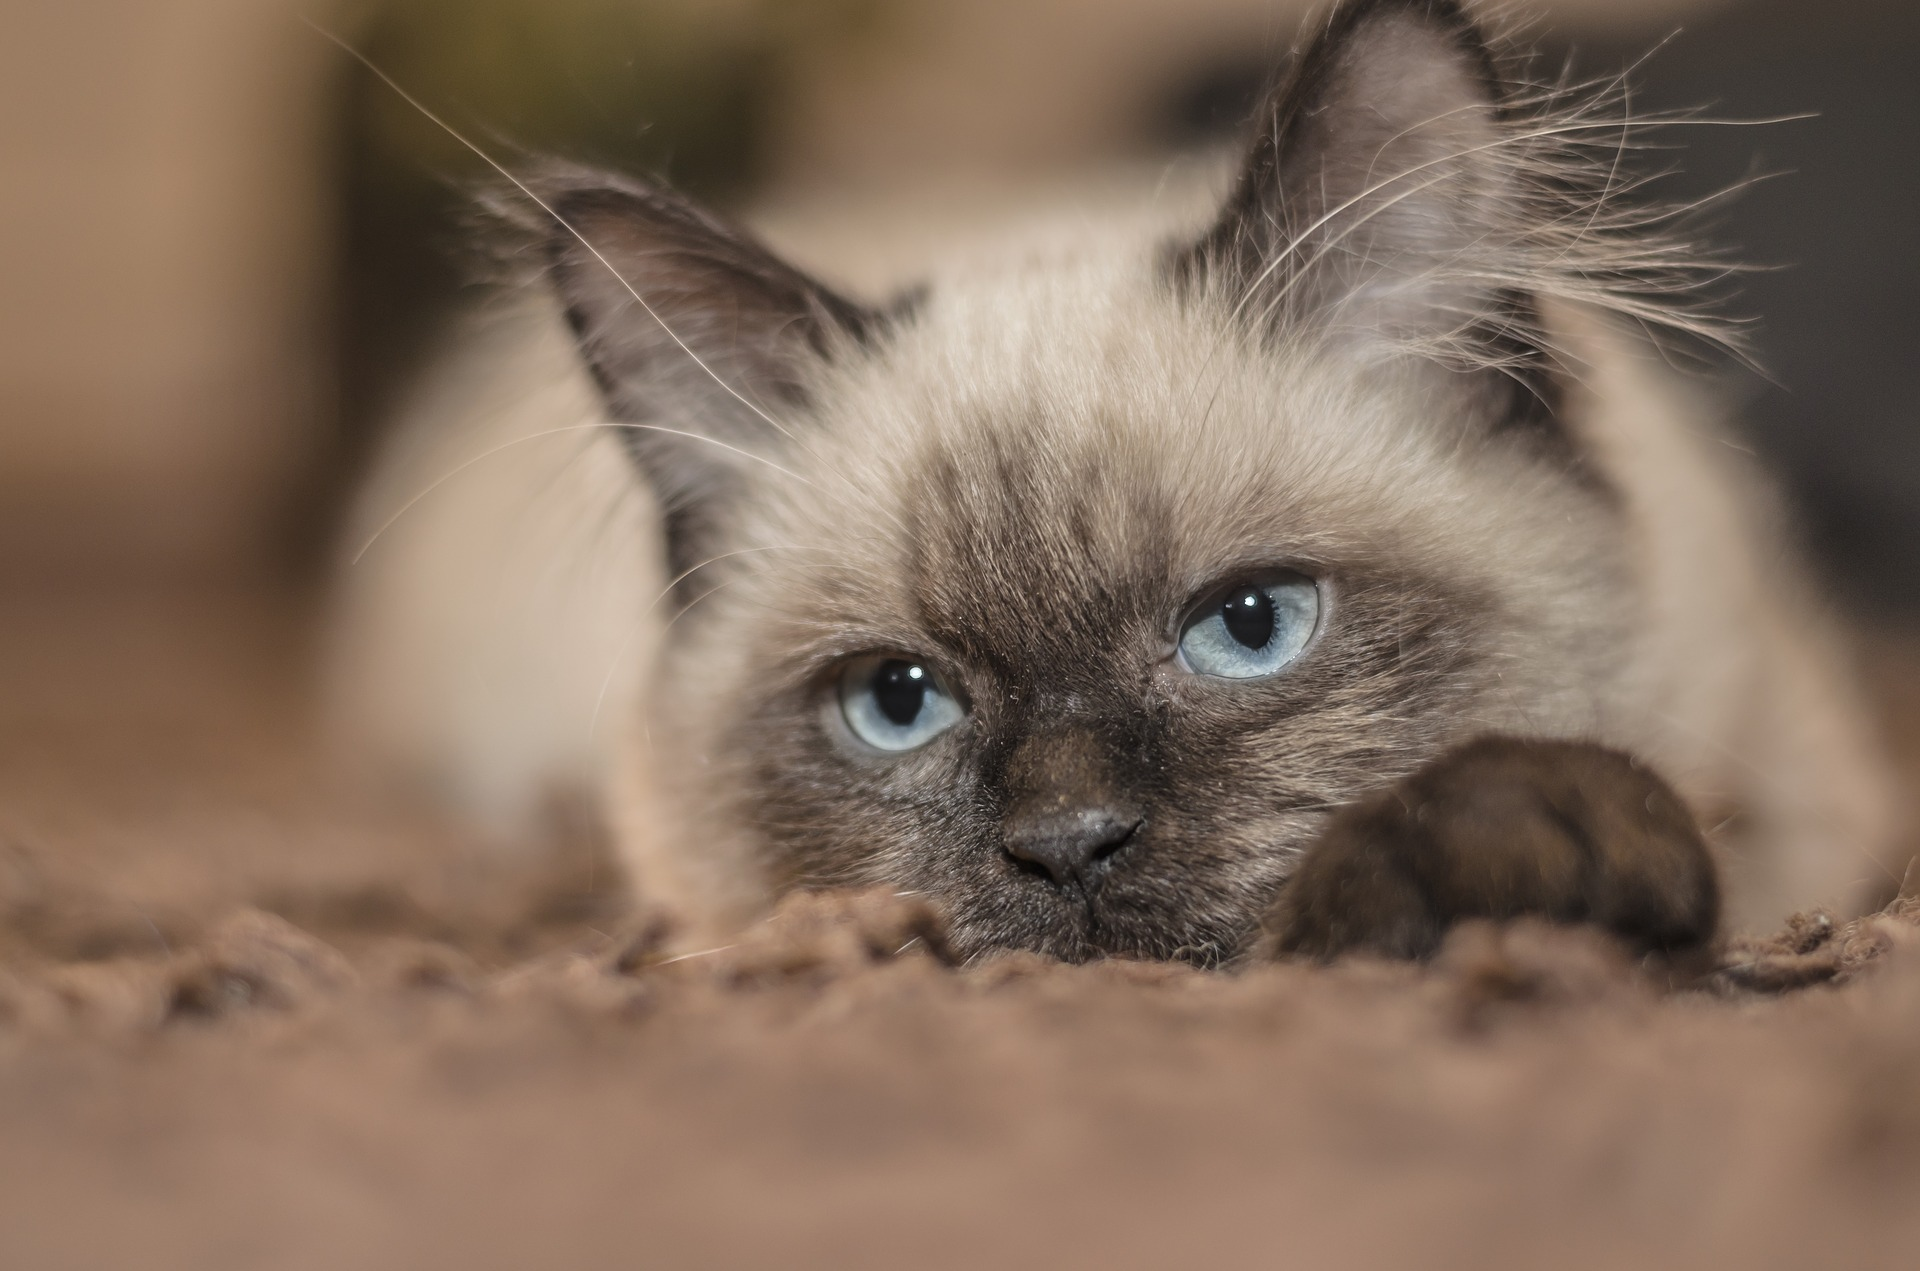 cat-1613088_1920